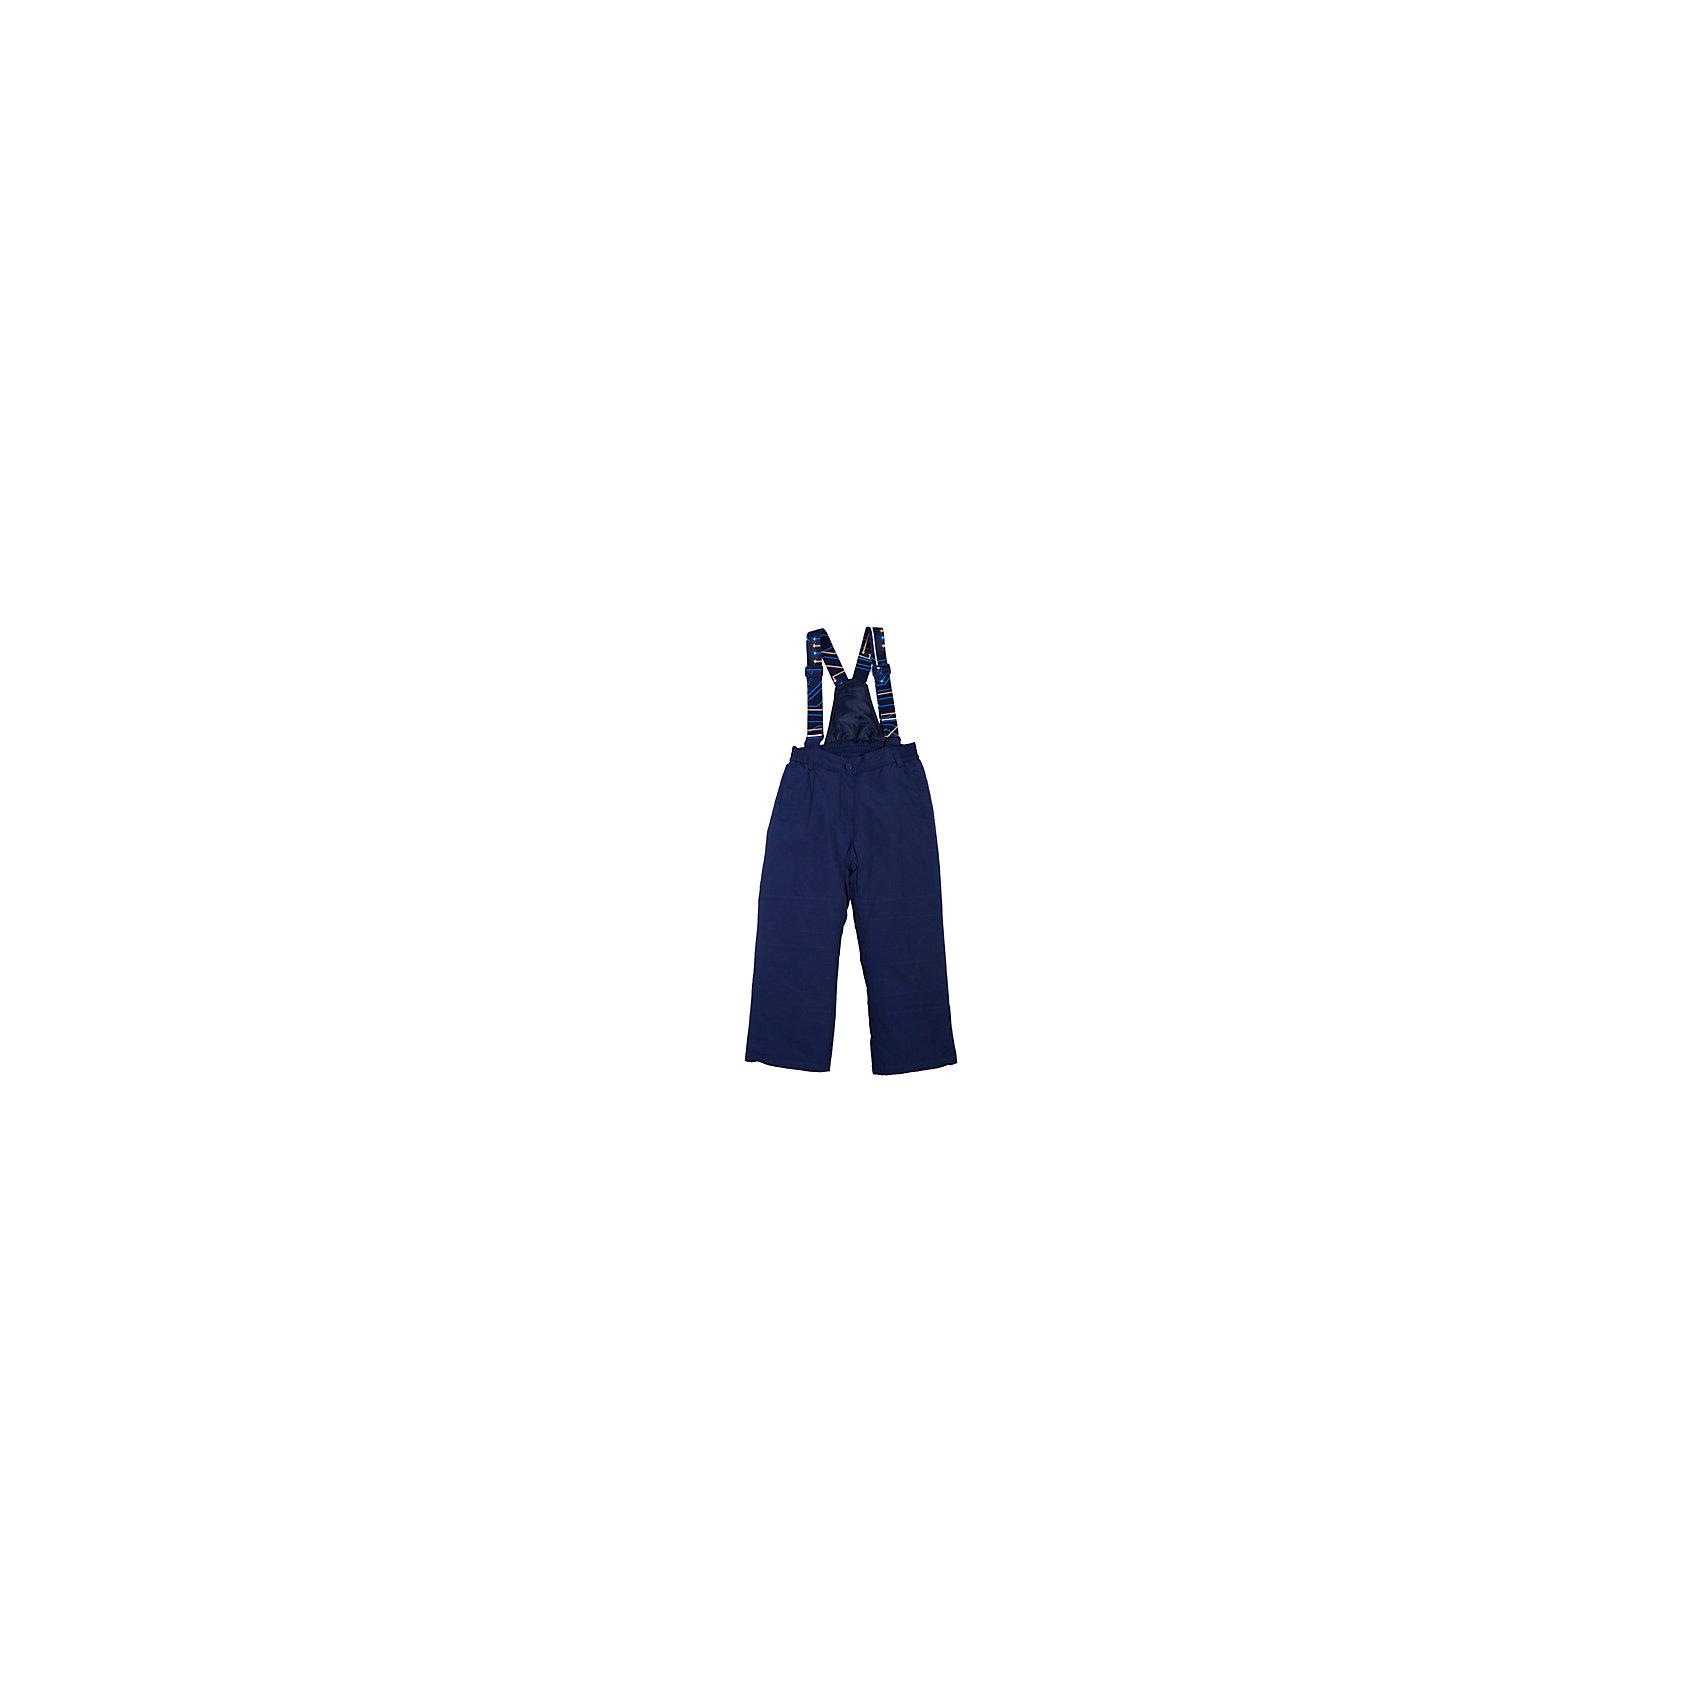 Брюки для мальчика PlayTodayВерхняя одежда<br>Брюки для мальчика от известного бренда PlayToday.<br>Стильный утепленный полукомбинезон темно-синего цвета. Фишка модели - эластичные бретели с ярким принтом. Пояс на резинке, есть шлевки для ремня. По бокам два функциональных кармана на липучках. Бретели регулируются по длине.<br>Состав:<br>Верх: 100% нейлон, подкладка: 100% полиэстер, наполнитель: 100% полиэстер, 100 г/м2<br><br>Ширина мм: 215<br>Глубина мм: 88<br>Высота мм: 191<br>Вес г: 336<br>Цвет: синий<br>Возраст от месяцев: 24<br>Возраст до месяцев: 36<br>Пол: Мужской<br>Возраст: Детский<br>Размер: 98,122,104,128,110,116<br>SKU: 4896745